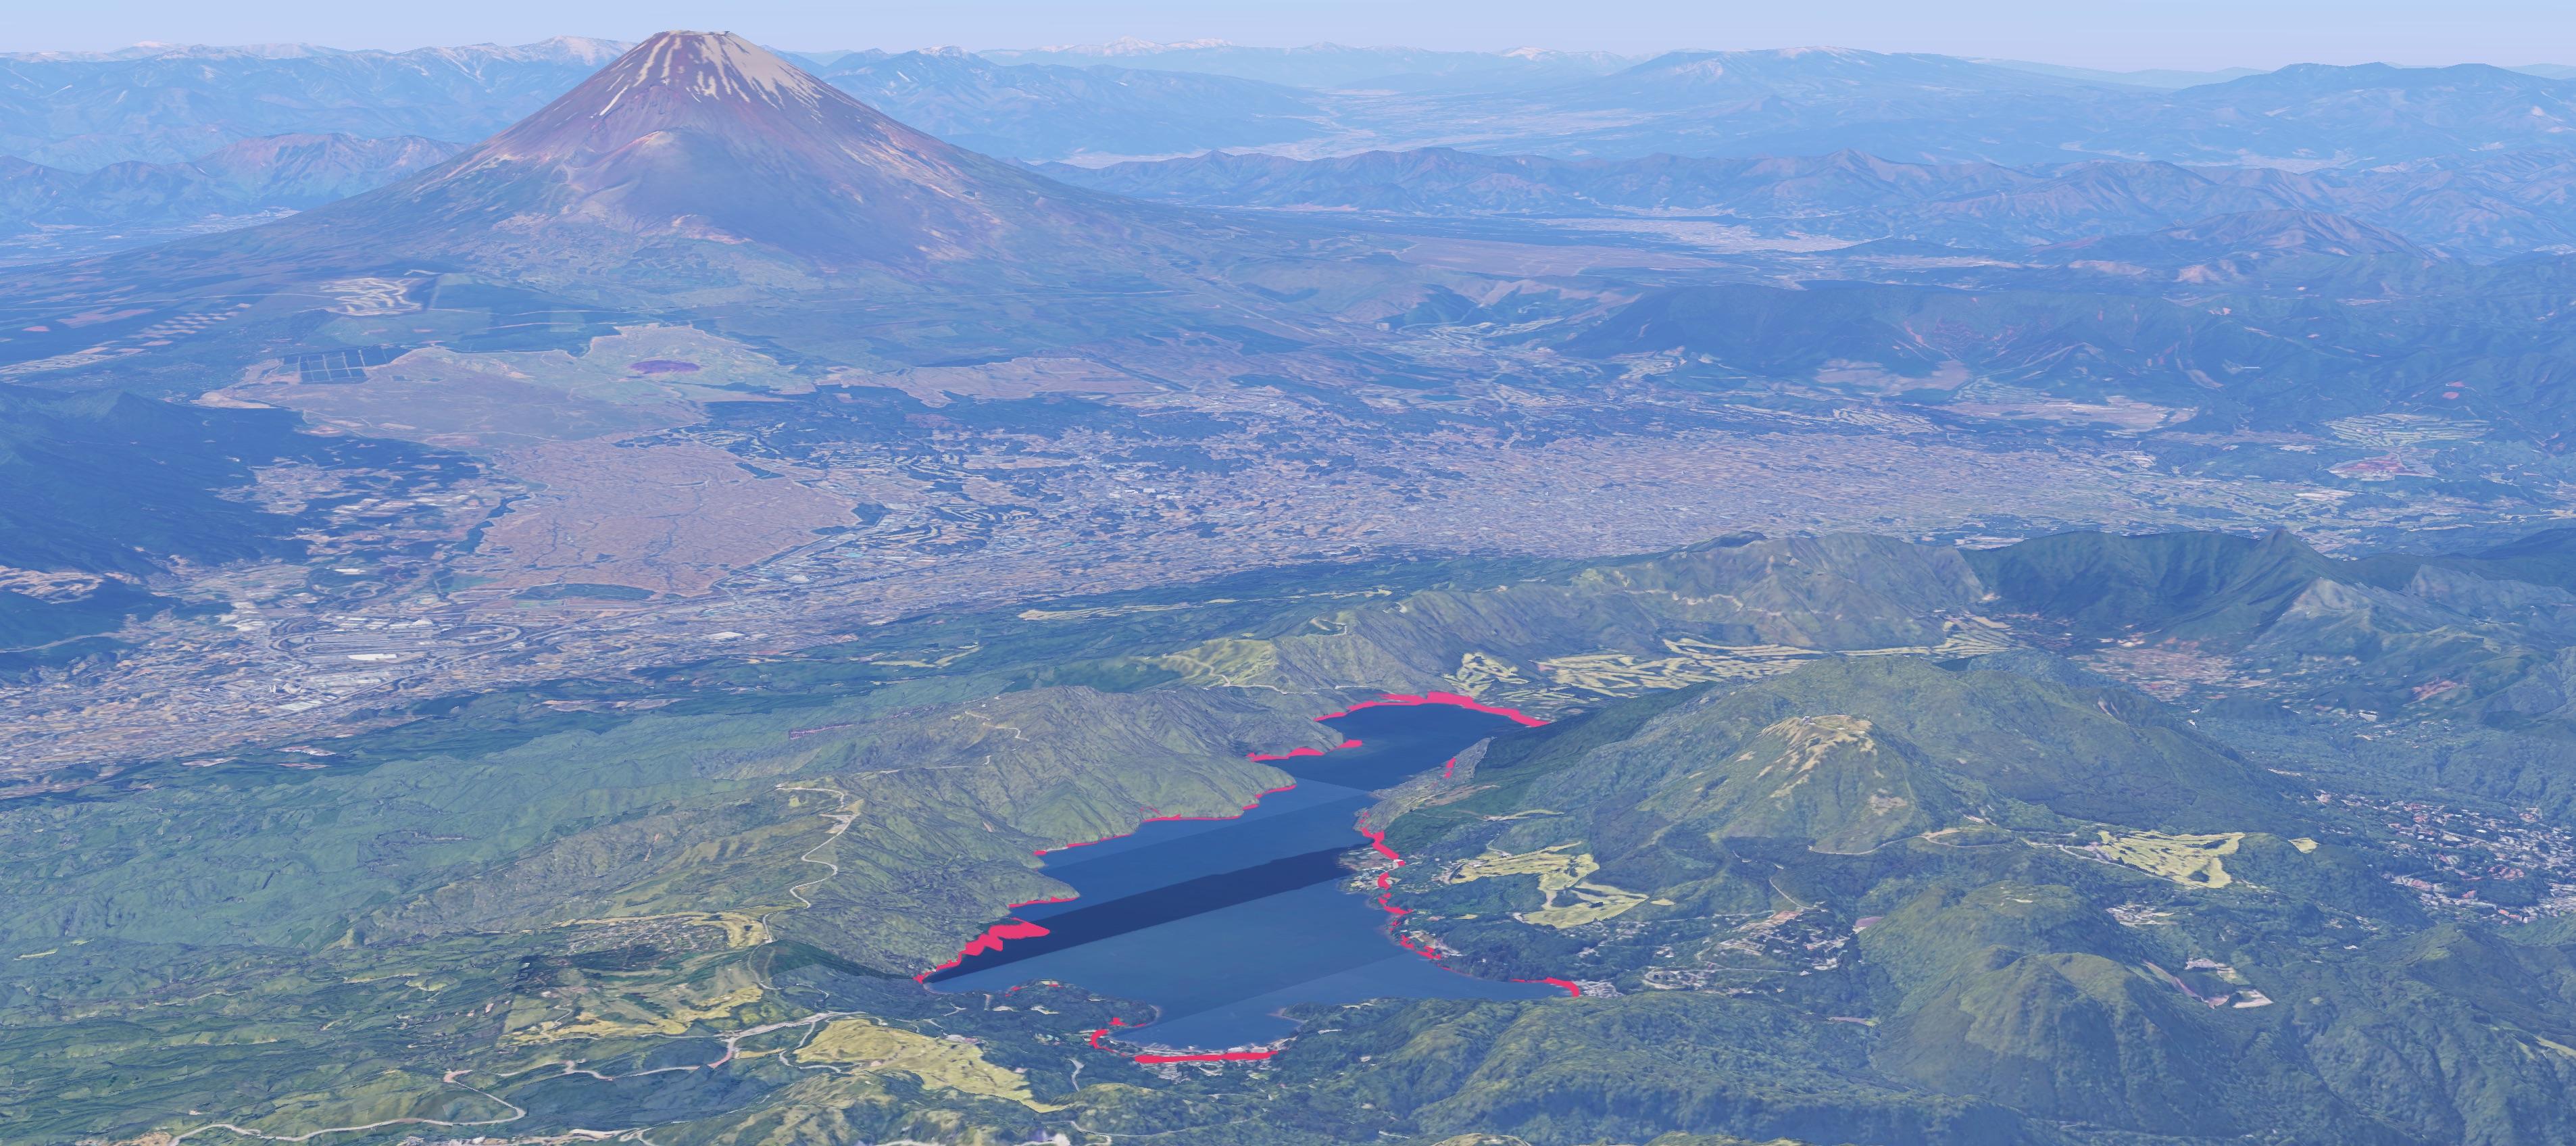 Skrējiens apkārt Hakones Ashinoko ezeram